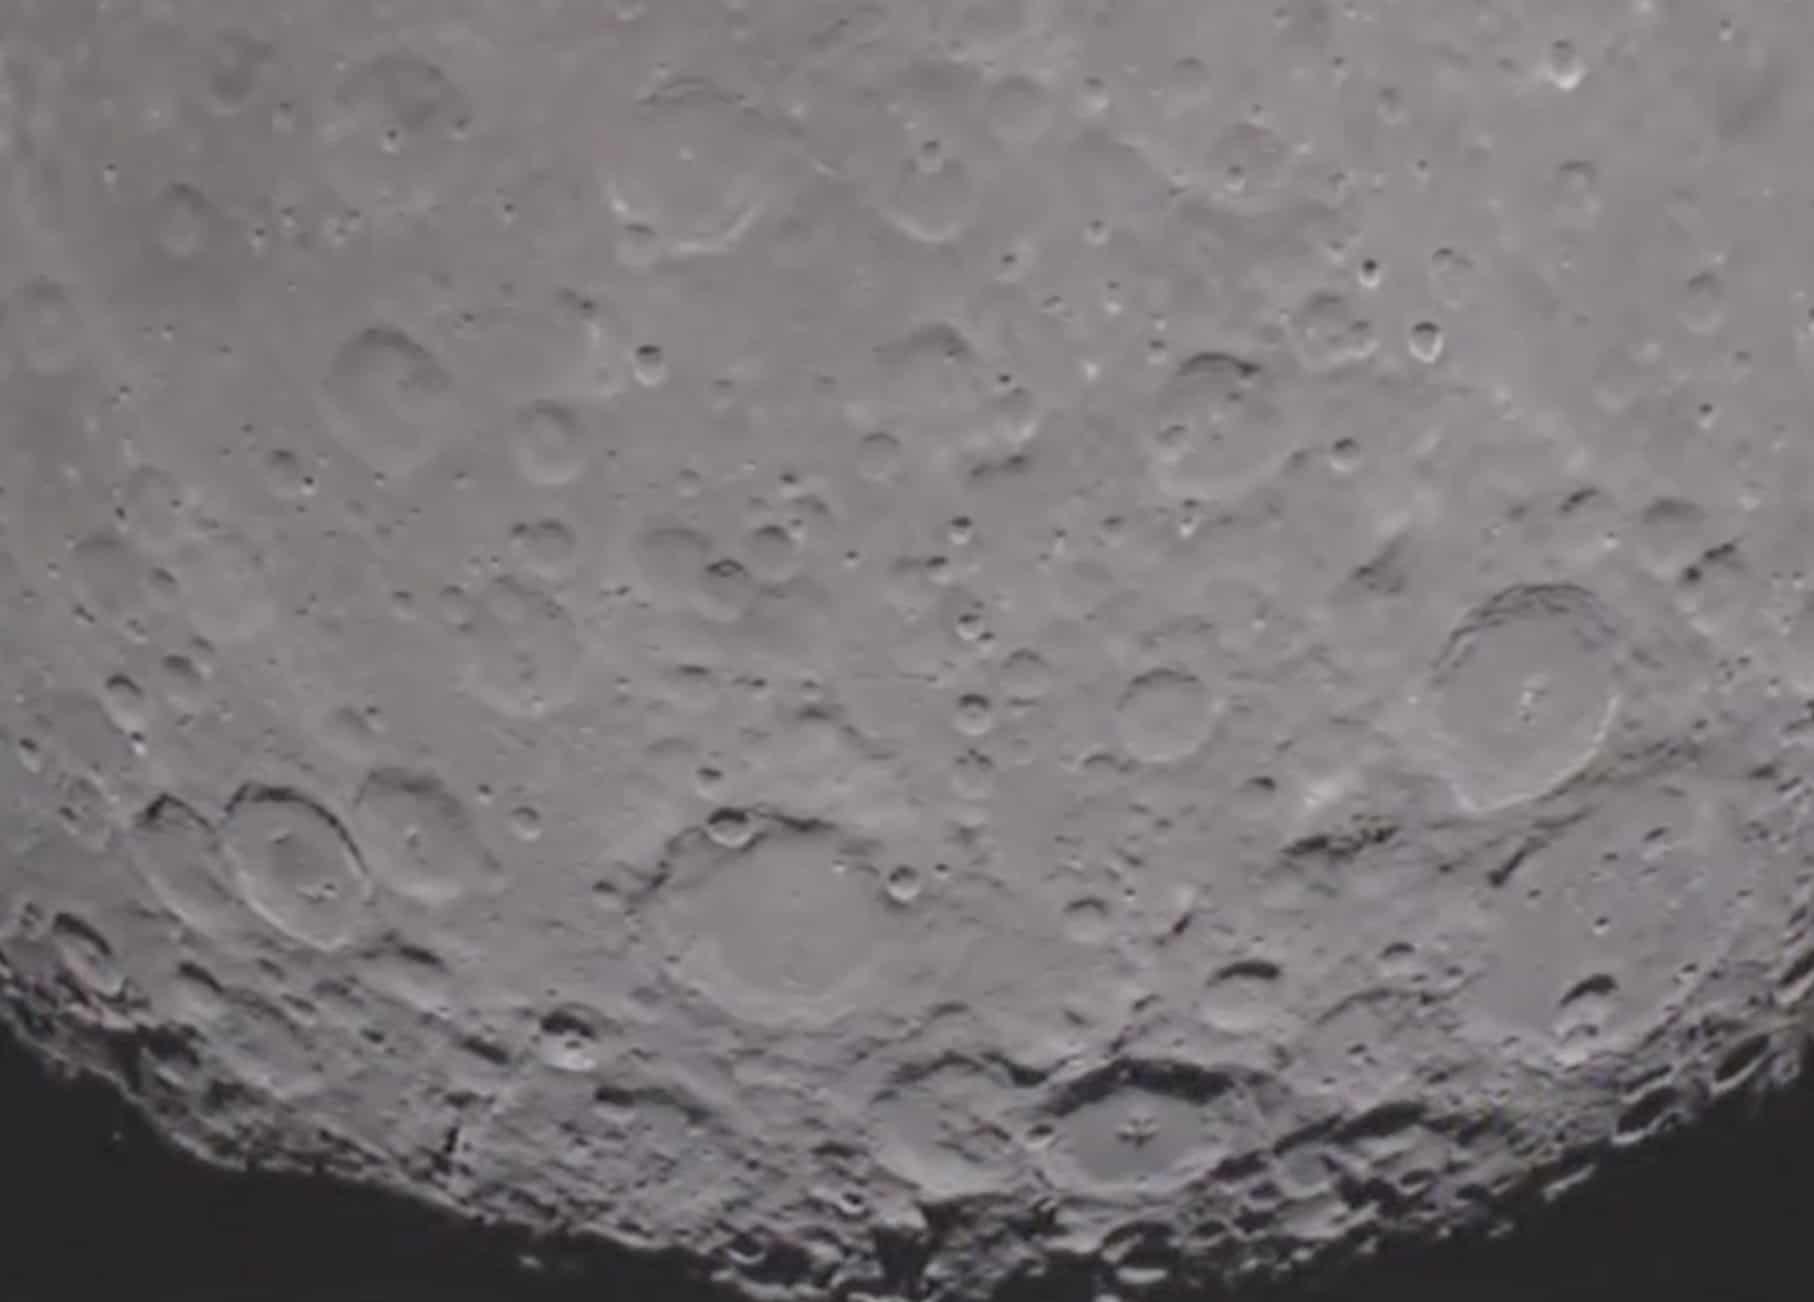 Sur la Lune, une substance mystérieuse découverte par le robot chinois Yutu-2